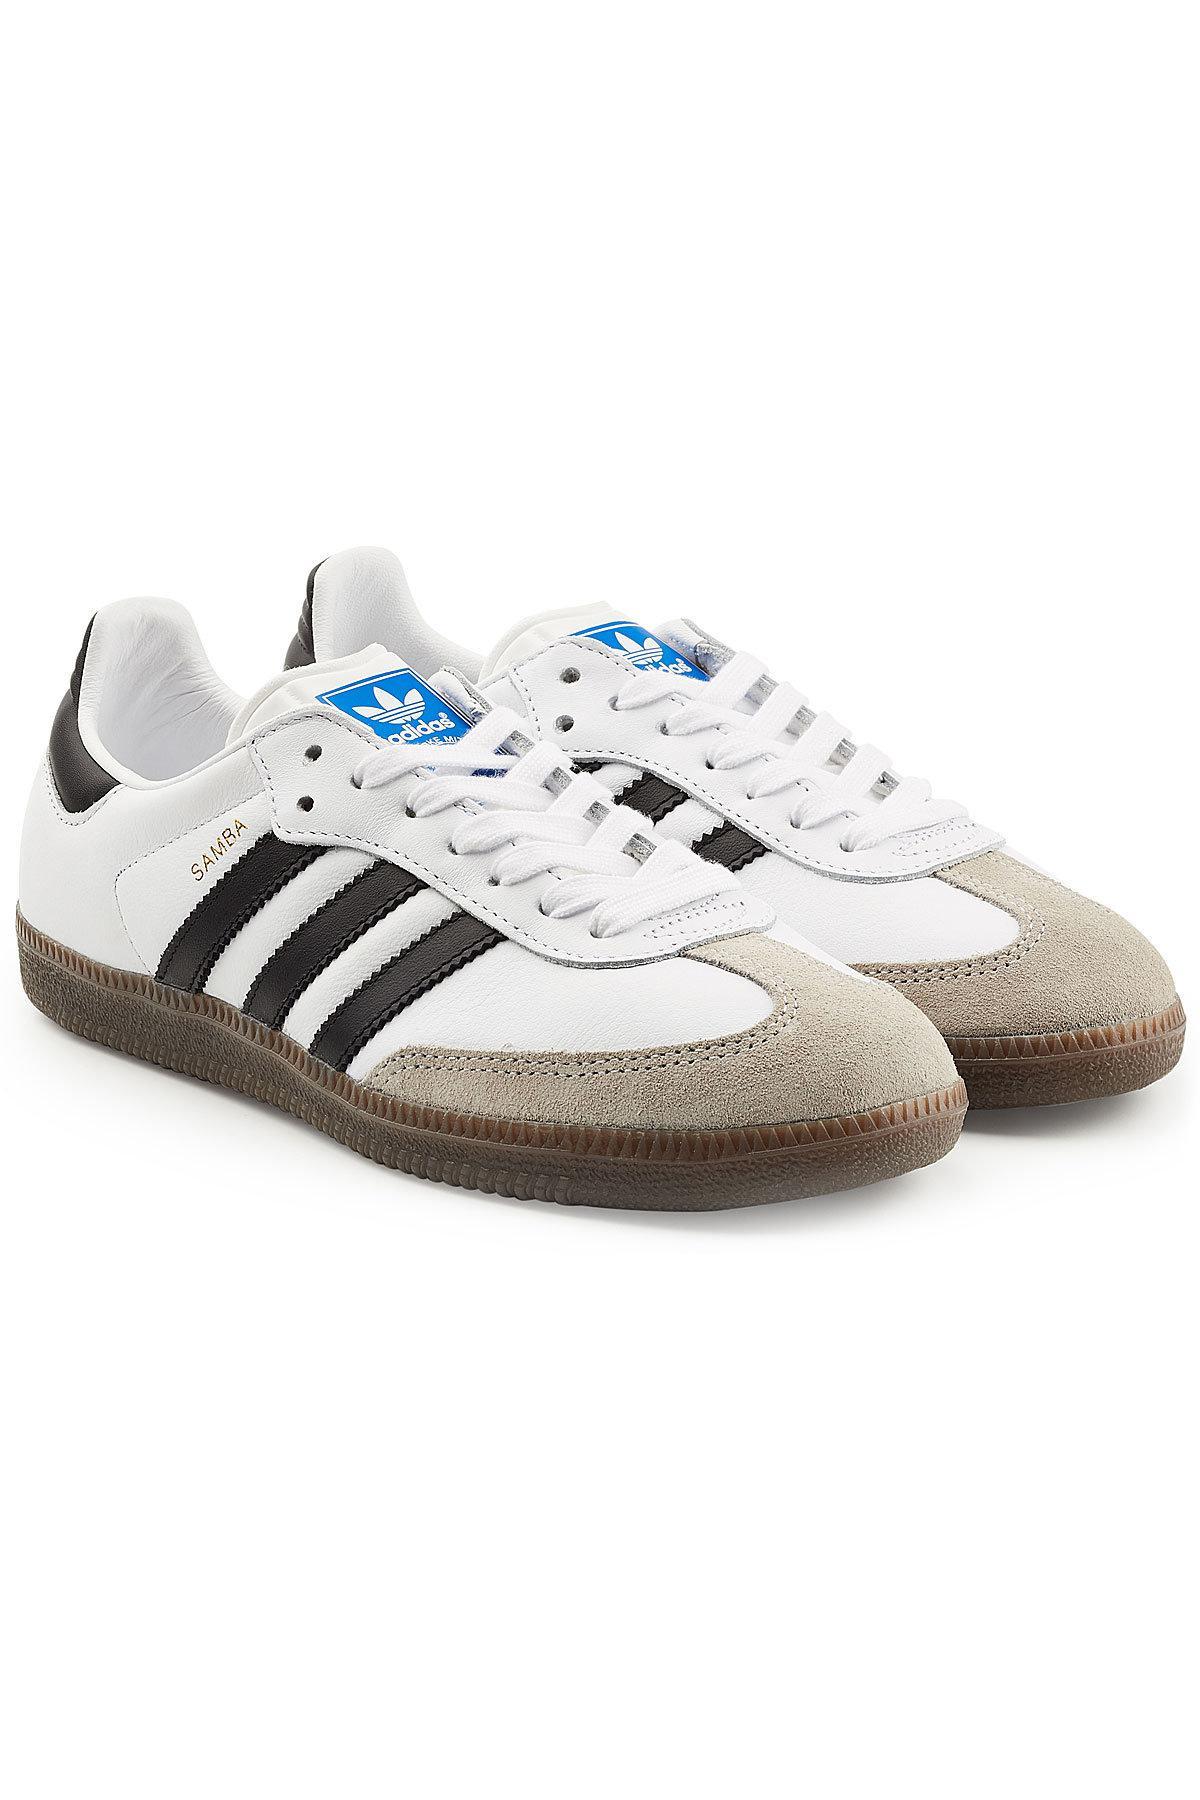 Lyst adidas Originals Samba Suede y cuero zapatillas para hombres